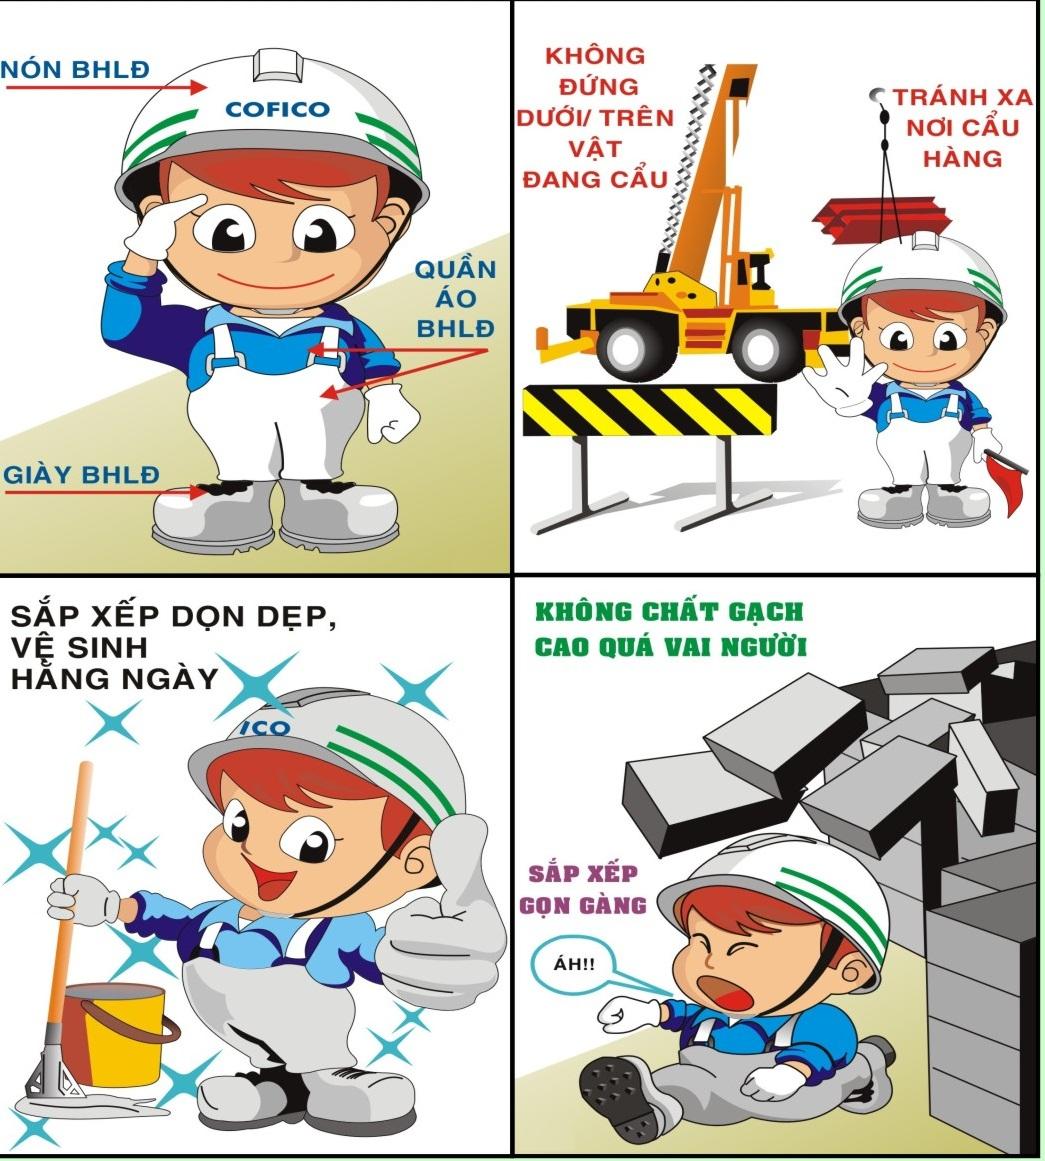 ohsas 18001 OHSAS 18001   Hệ thống quản lý an toàn và sức khỏe nghề nghiệp